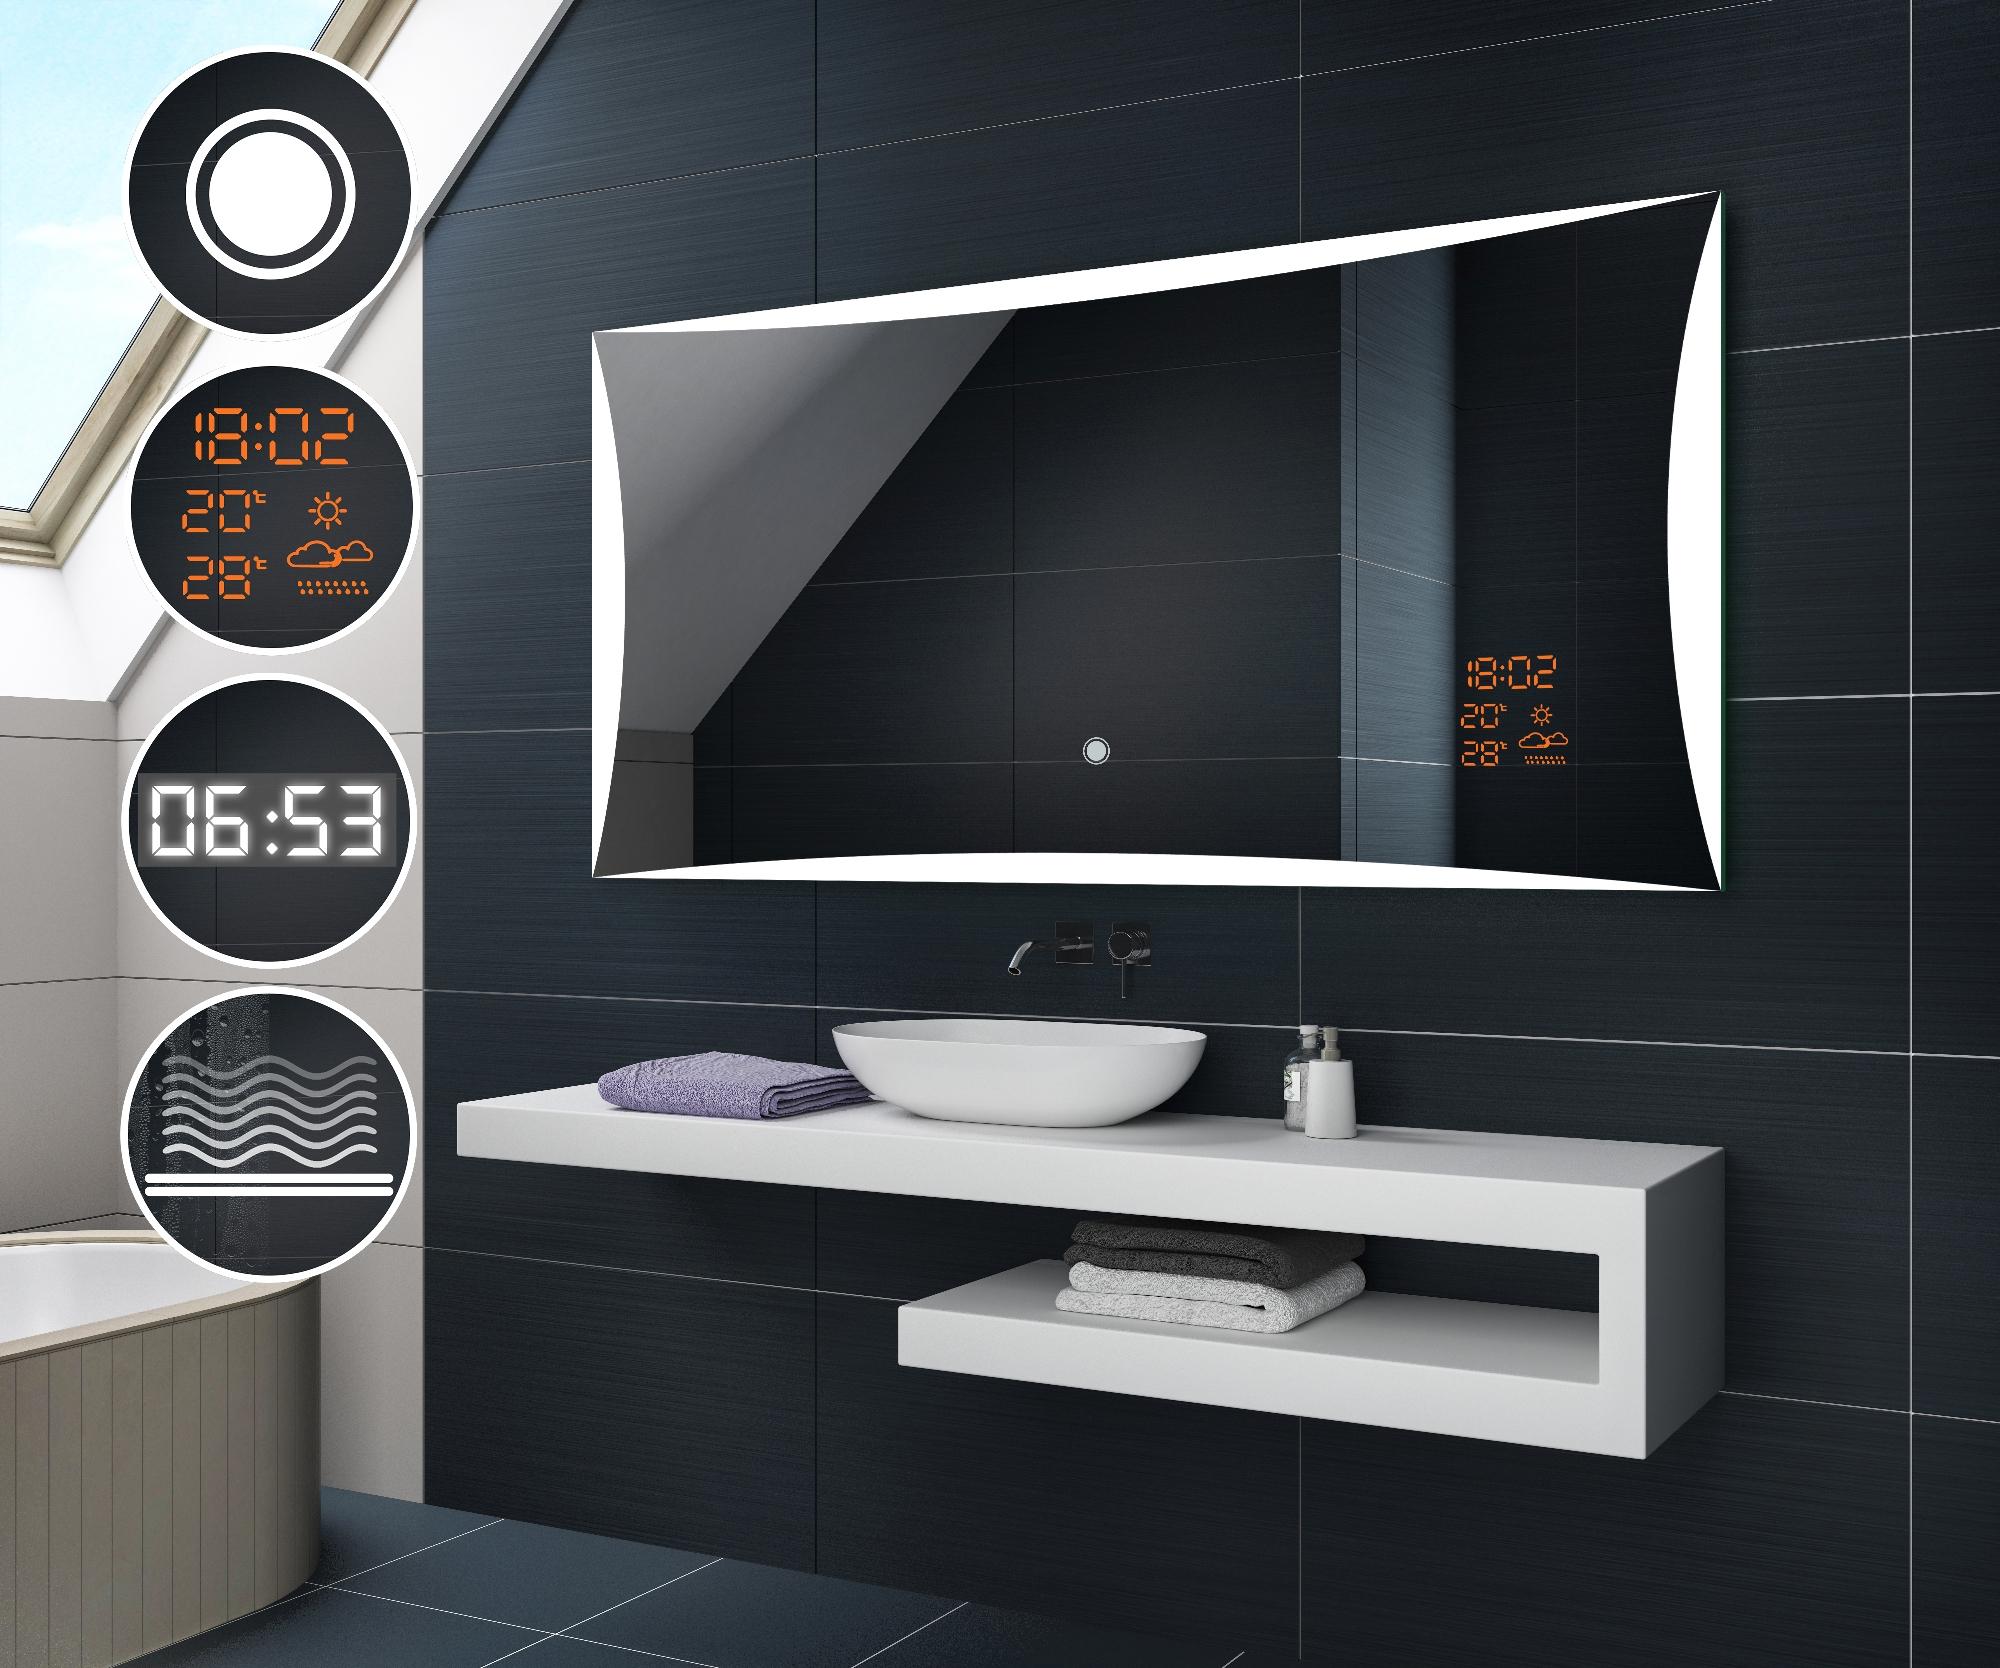 Beau miroir salle de bain lumineux led accessoires for Interrupteur salle de bain